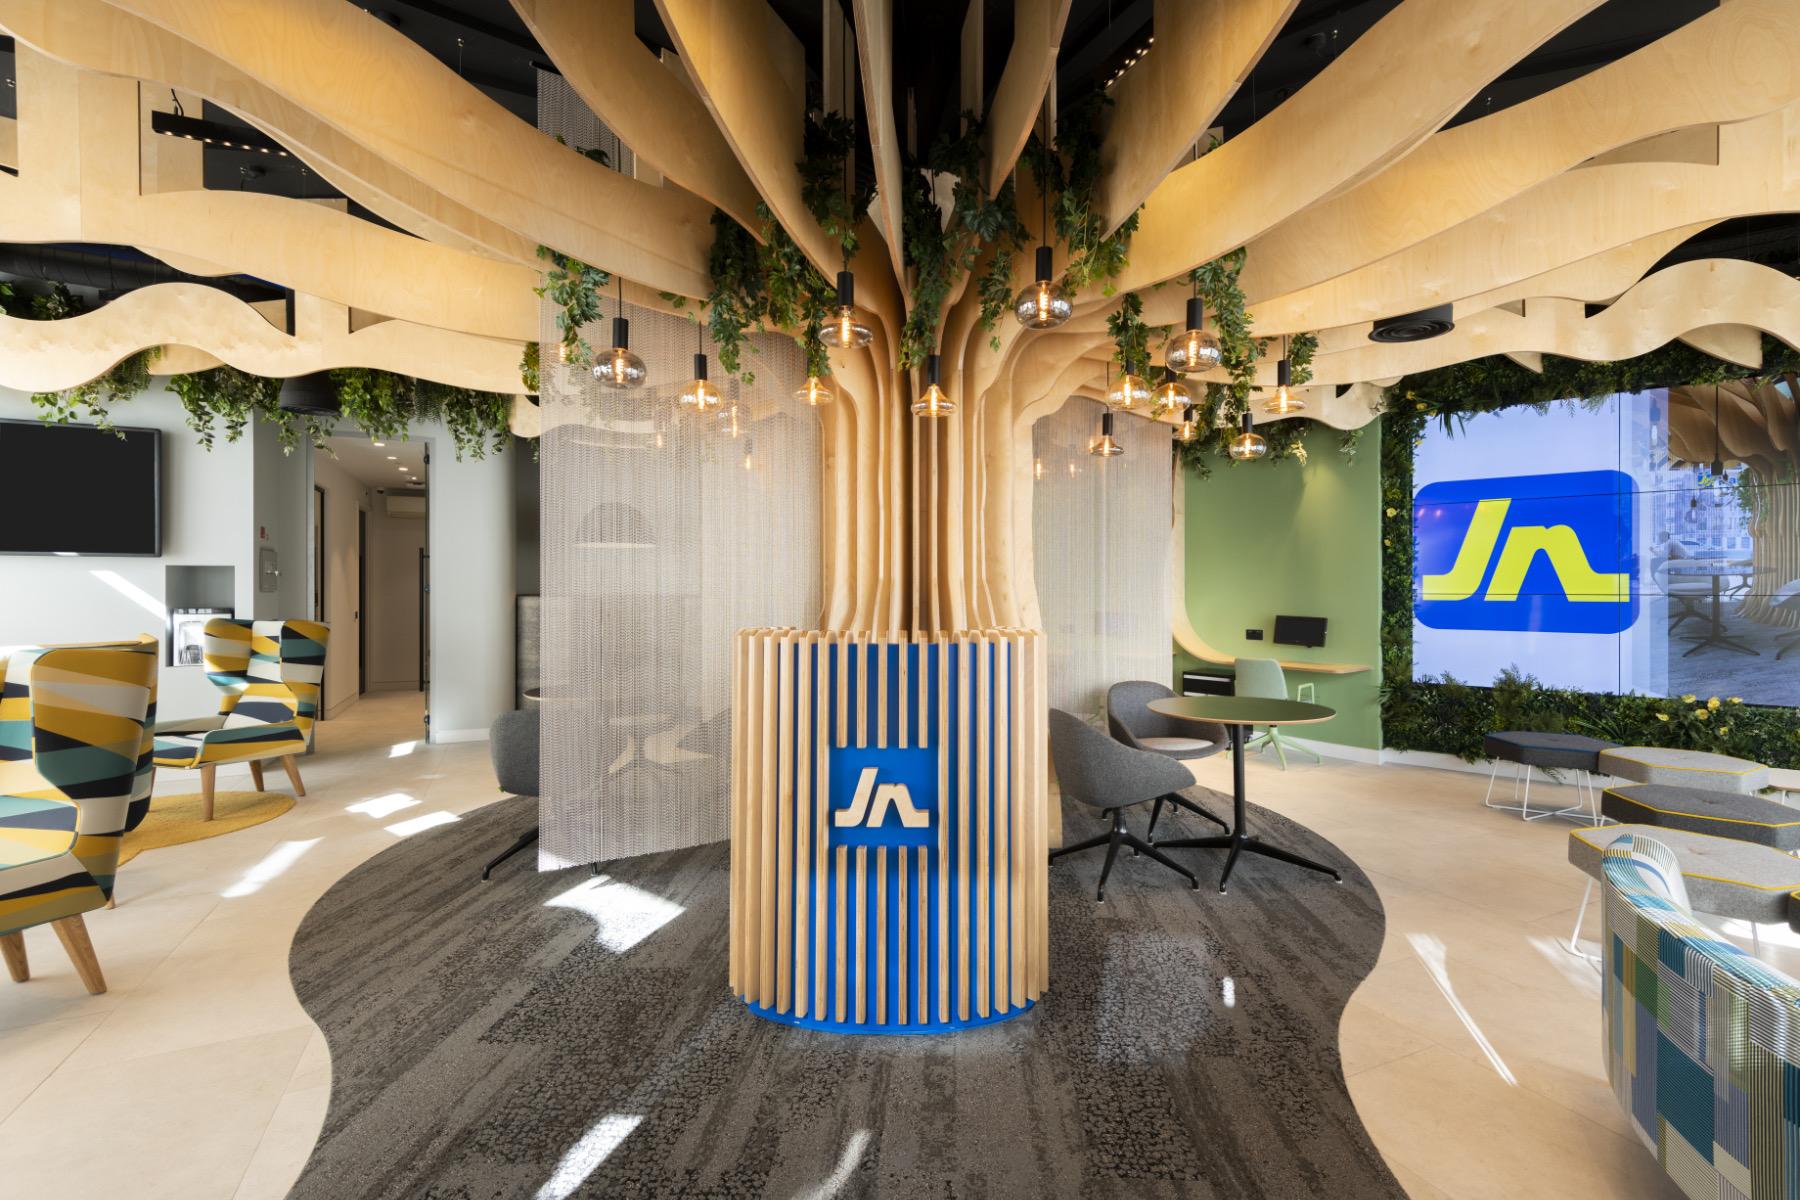 A Look Inside JN Bank's London Office